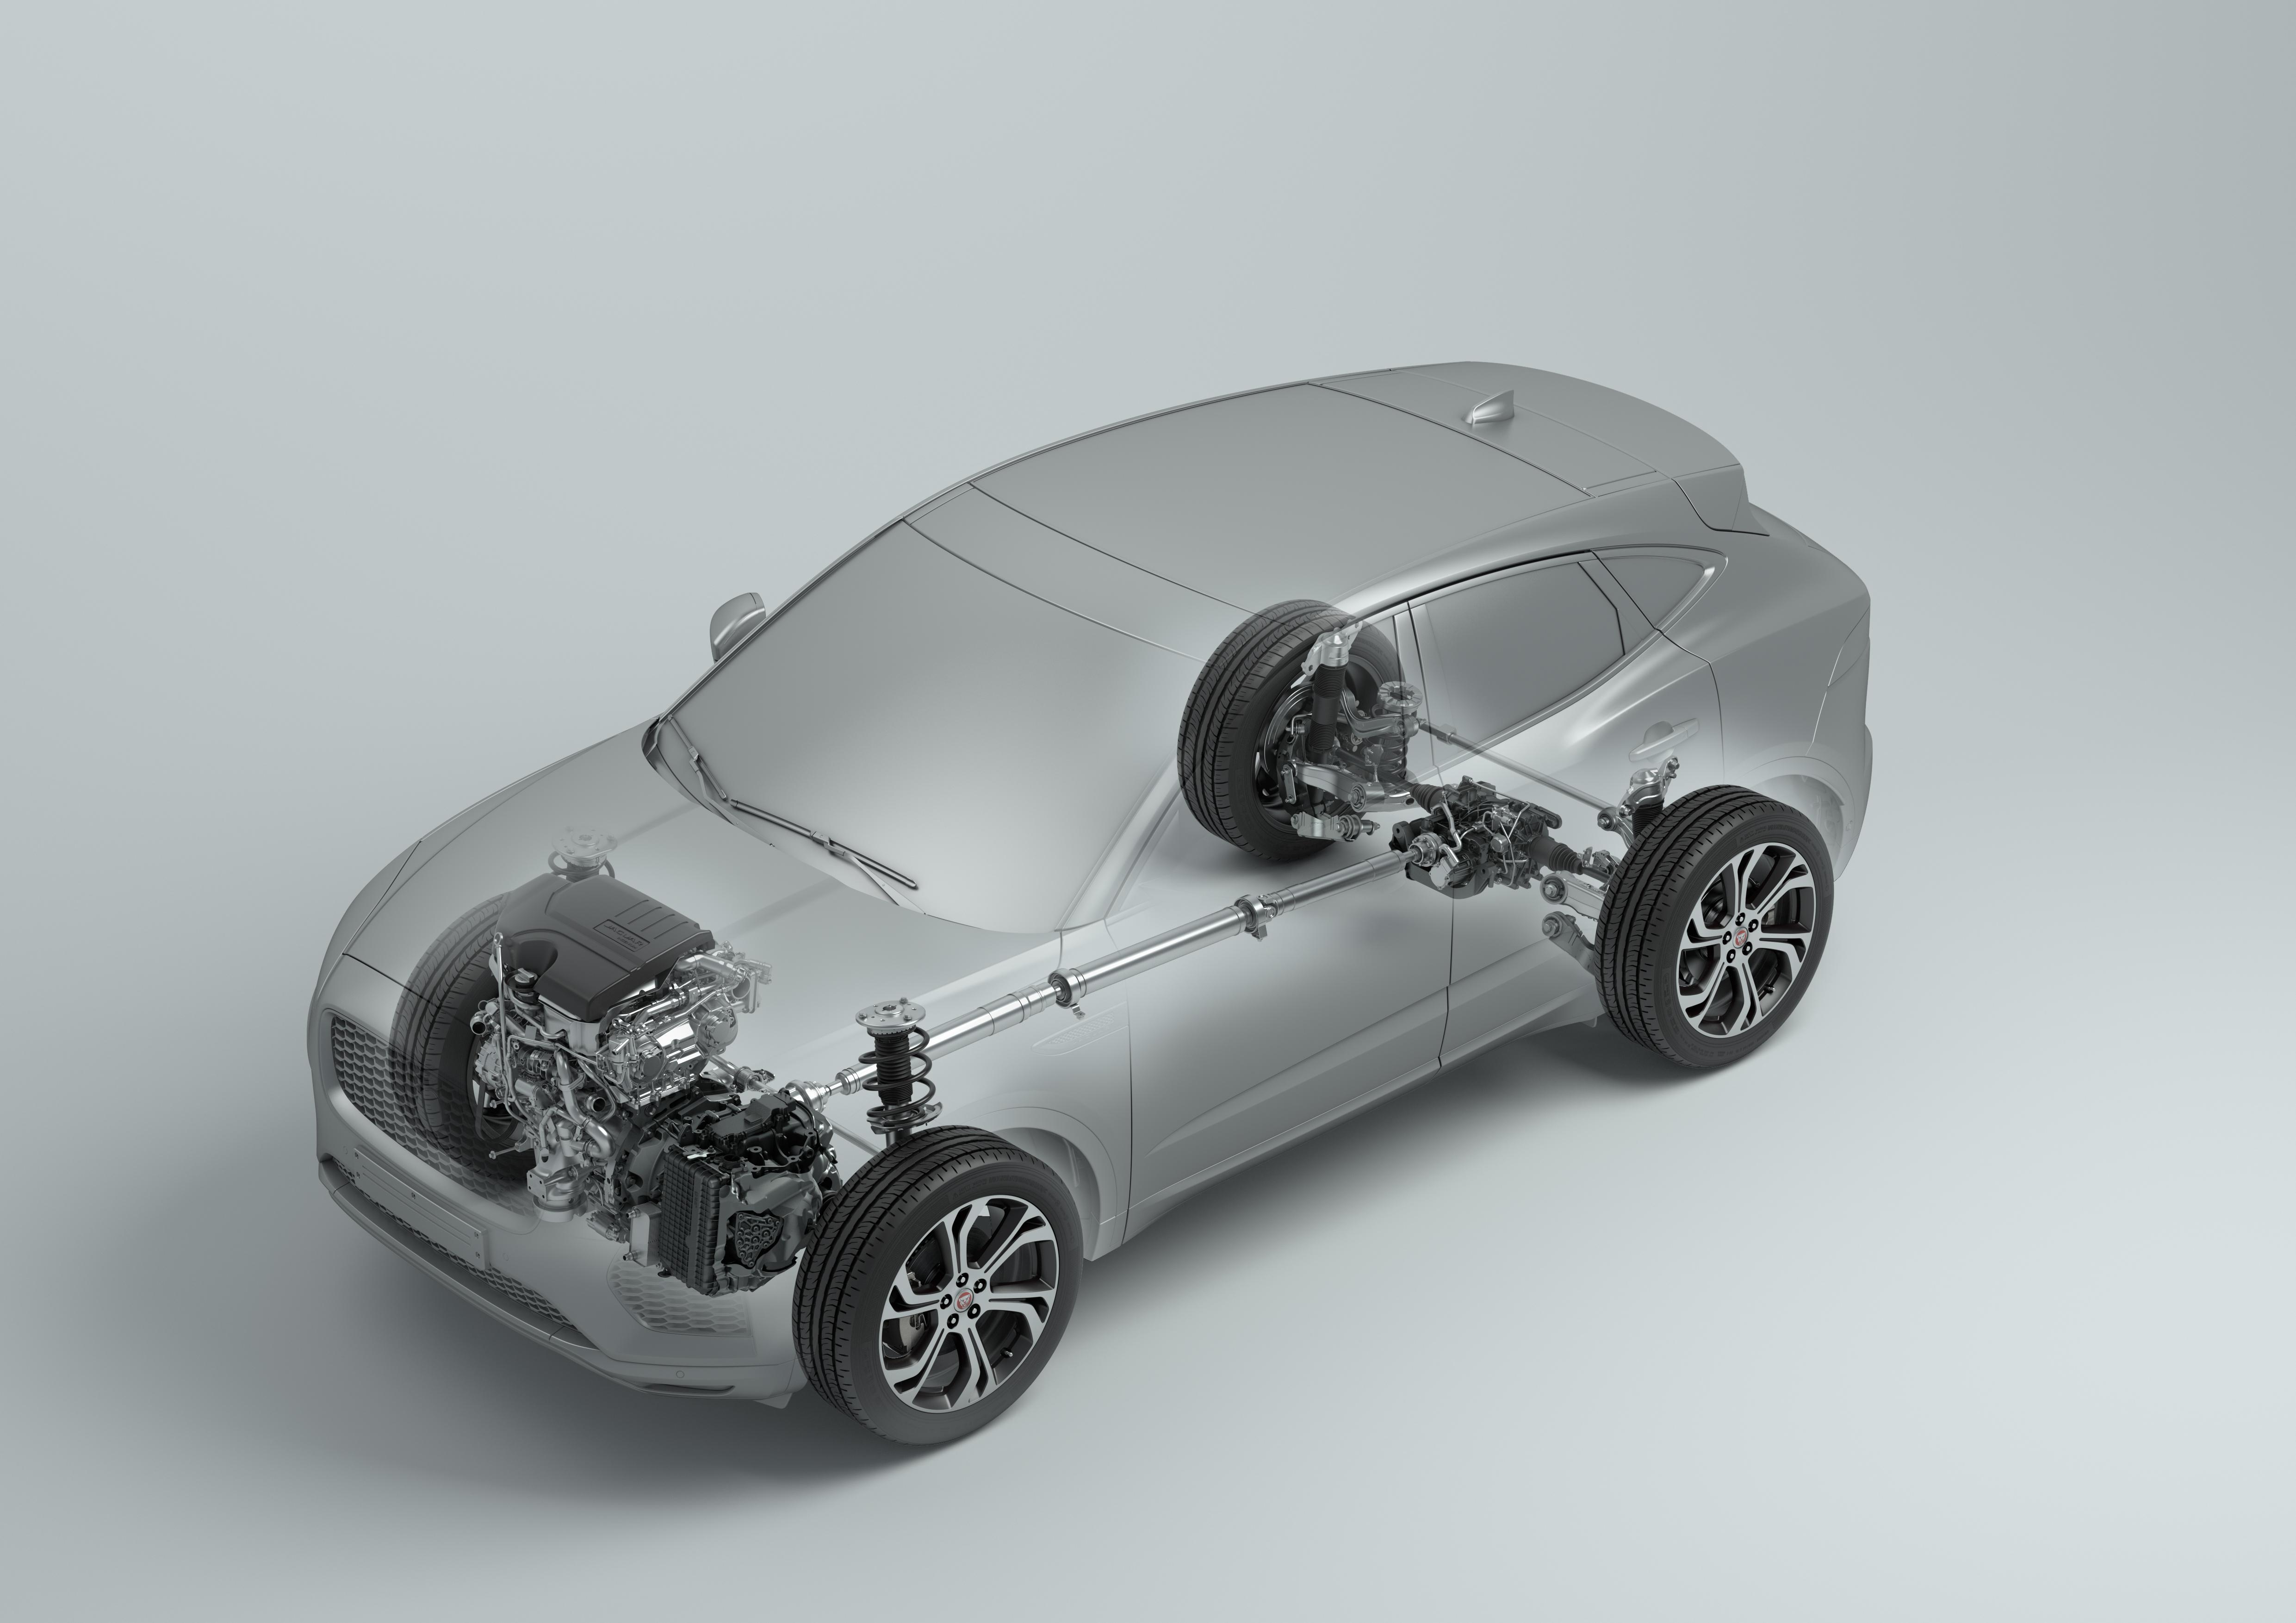 Jaguar E-Pace, Kaya 959 Motoring, Mxolisi Mhlongo, Jaguar south africa review, Kaya 959 car reviews